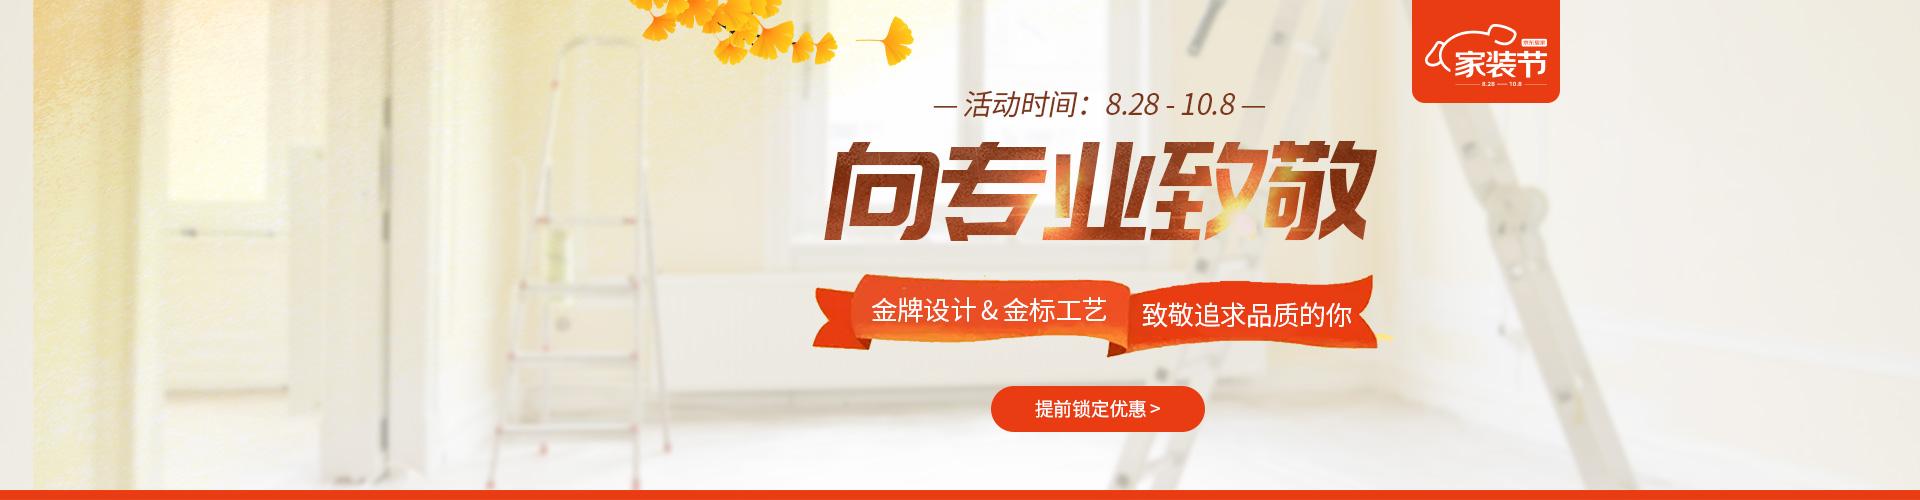 金螳螂·家9月金秋装修节